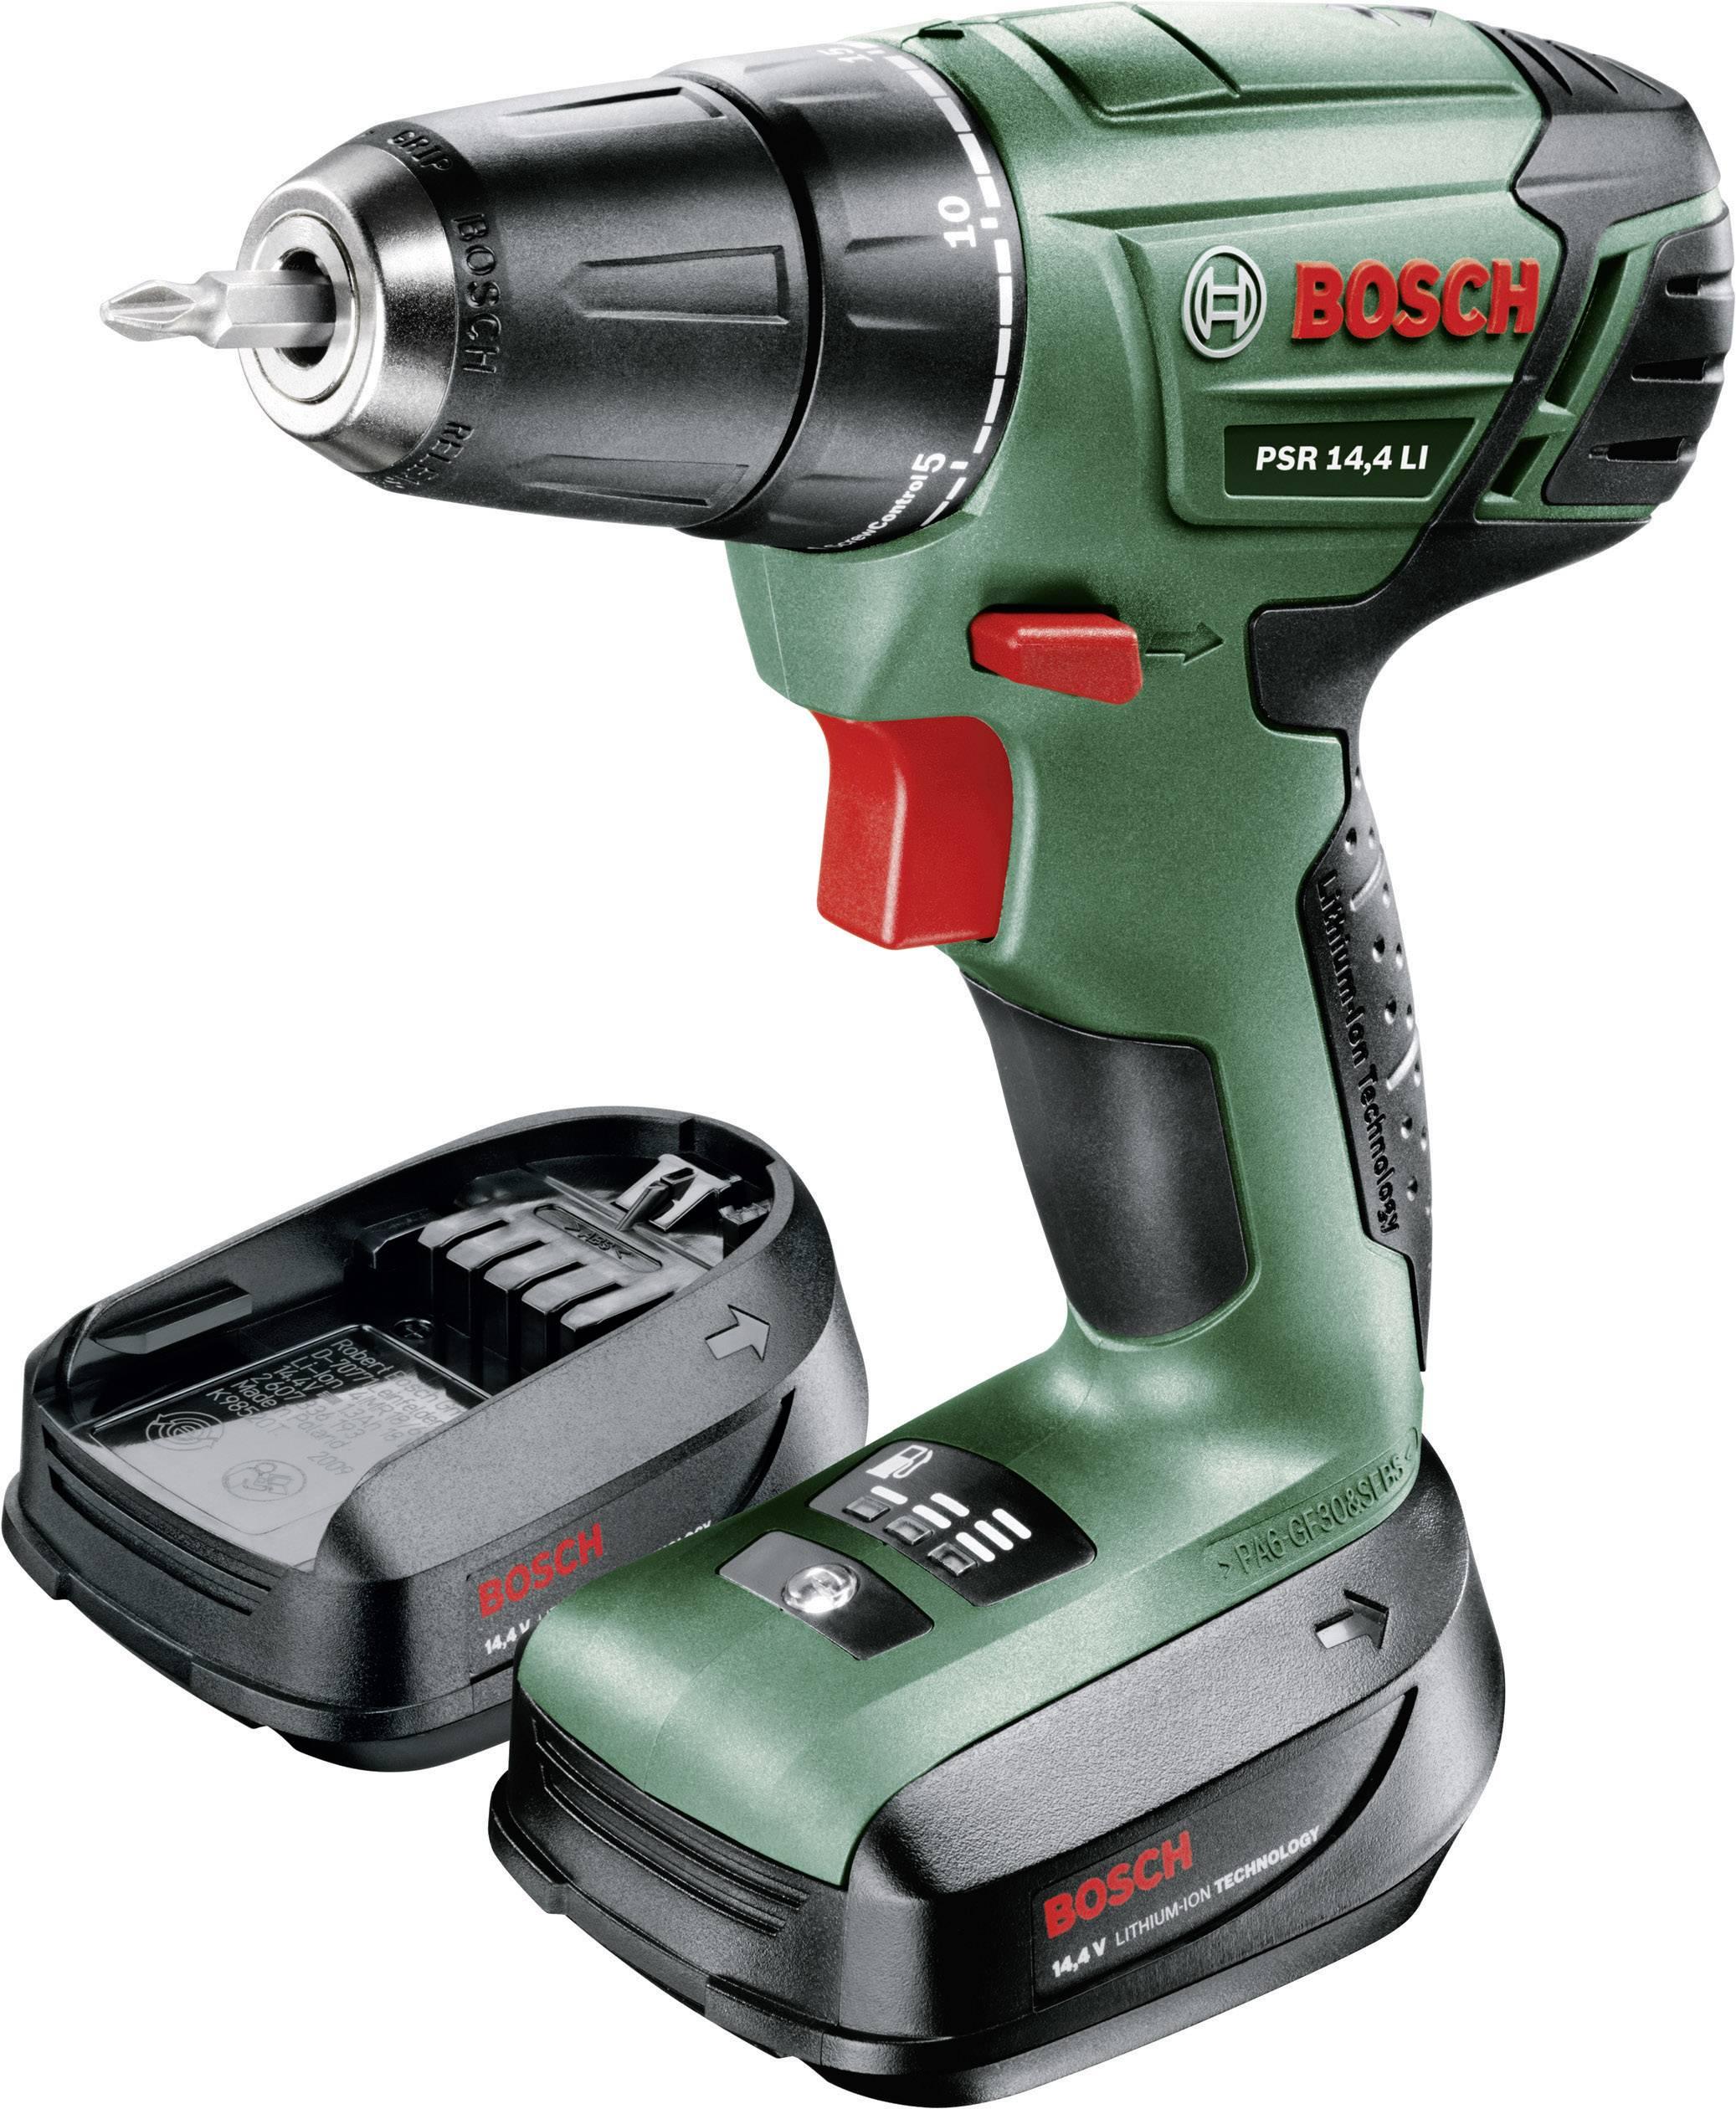 Bekend Accuschroefboormachine Bosch Home and Garden PSR 14,4 LI Incl. 2 GQ76